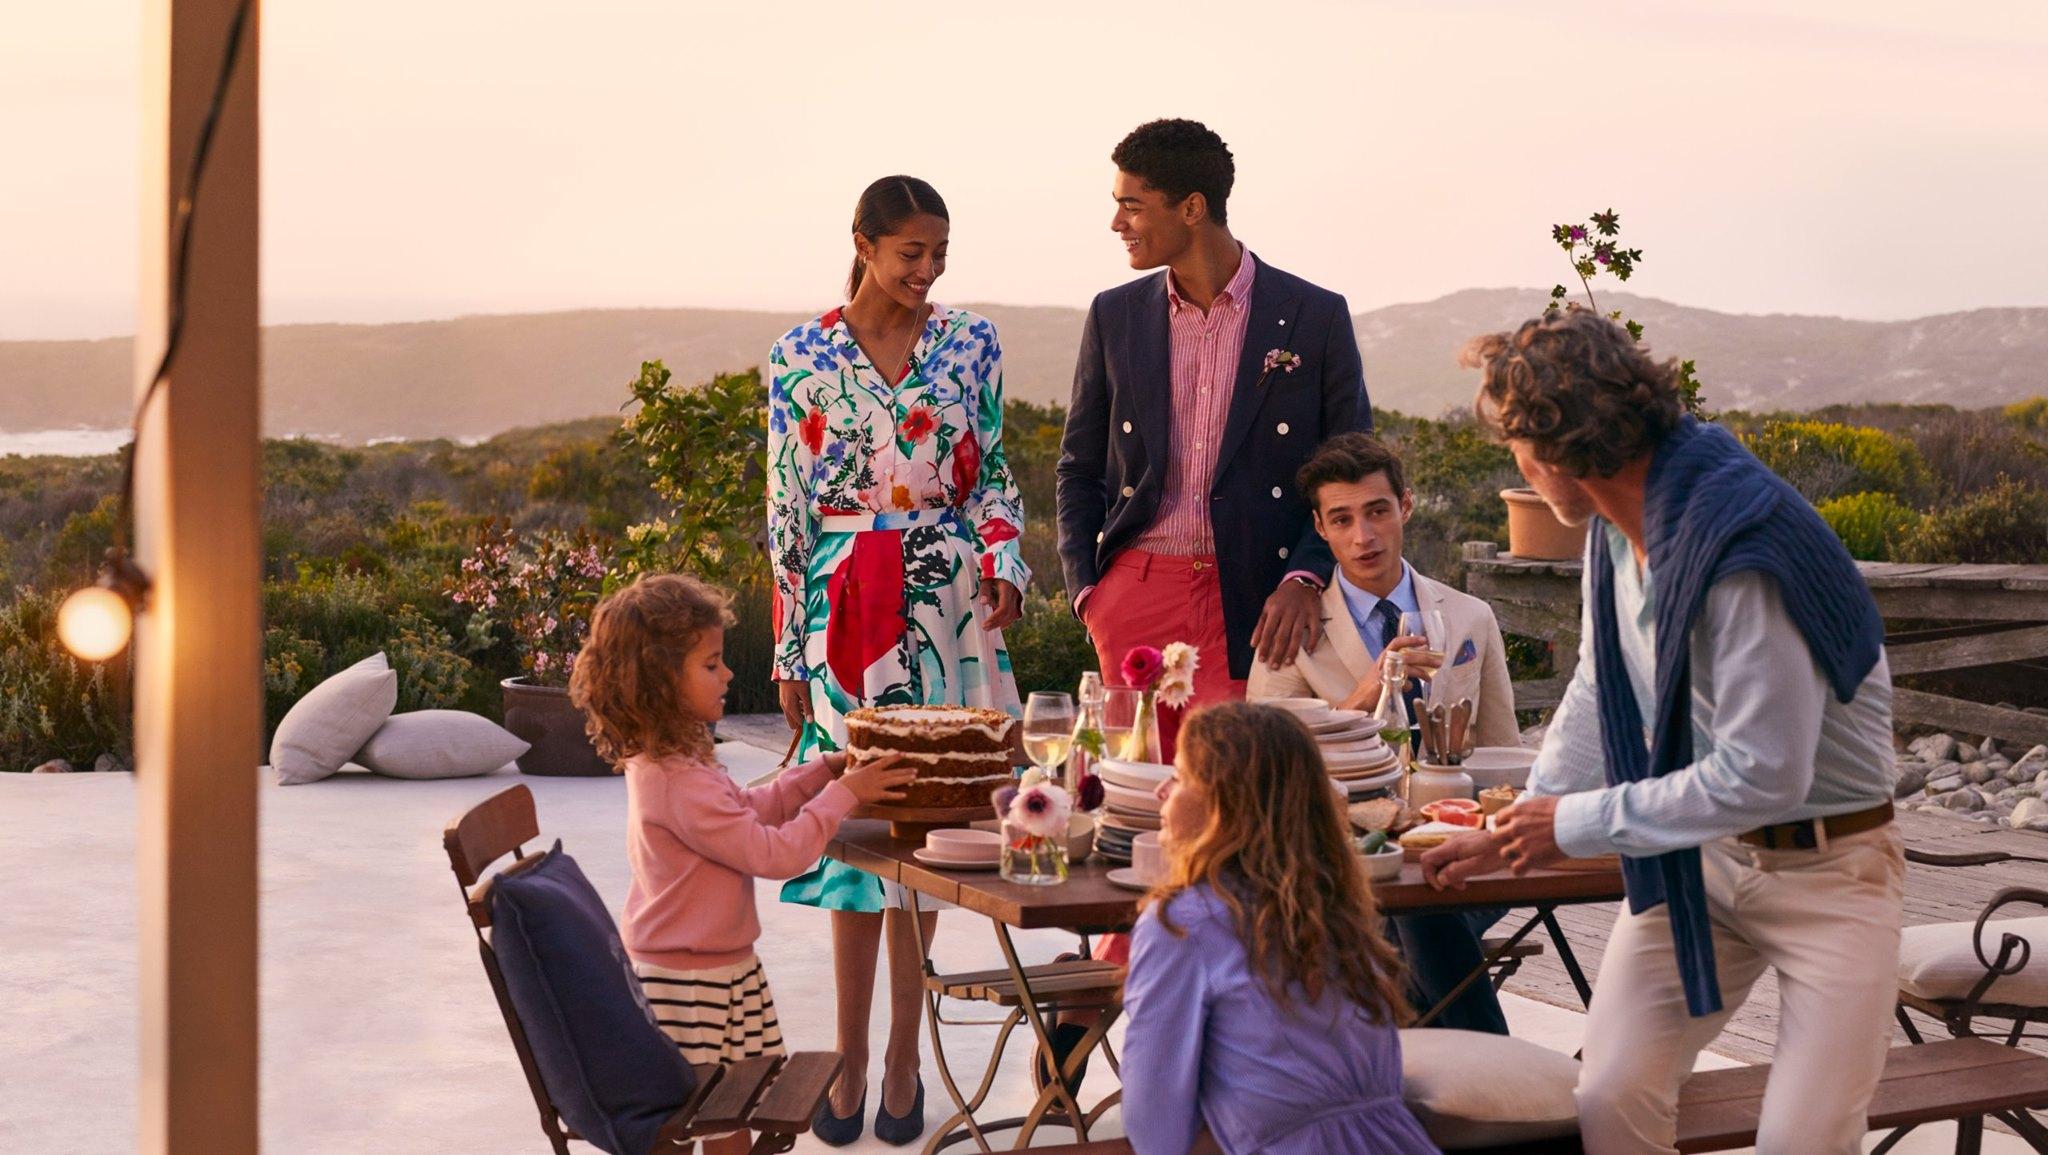 GANT STORE KAMPPI - Kauppakeskus Kampin 2 krs. Urho Kekkosen katu 1GANT on kansainvälisesti tunnettu brändi, joka perustettiin vuonna 1949 USA:n New Havenissa. Myymälästämme löytyy huolella valikoituja tyylikkäitä sekä käytännöllisiä vaatteita miehille, naisille ja lapsille, kenkiä, kelloja, asusteita sekä kodin sisutustekstiilejä. Kausittain vaihtuvien tuotteiden lisäksi valikoimistamme löydät suositut klassikot. Myymälämme löydät kauppakeskuksen toisesta kerroksesta.https://www.gantstore.fi/